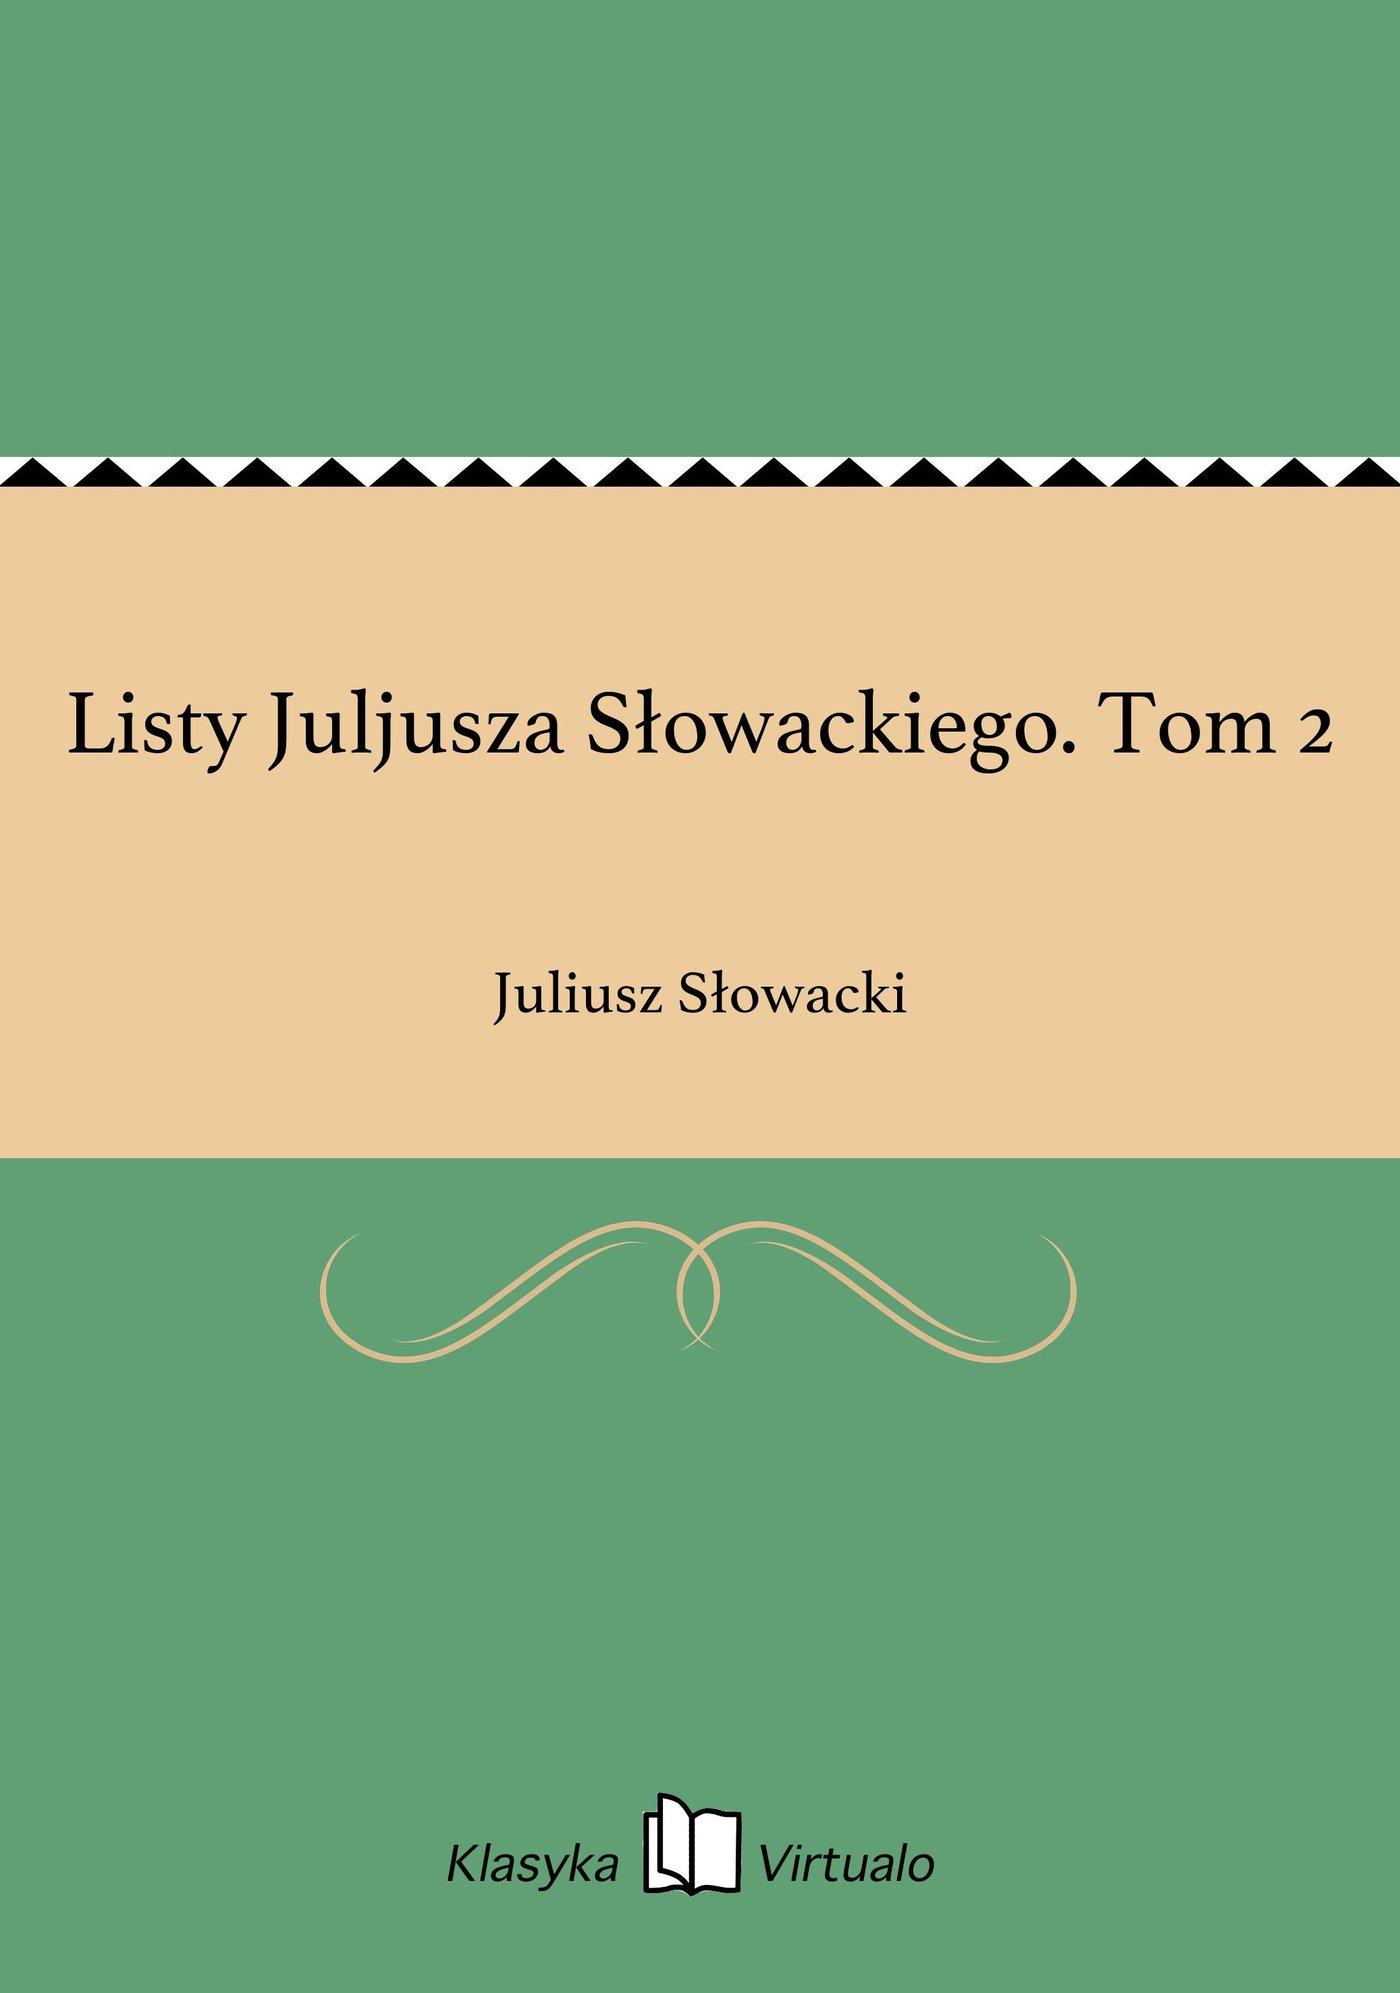 Listy Juljusza Słowackiego. Tom 2 - Ebook (Książka EPUB) do pobrania w formacie EPUB